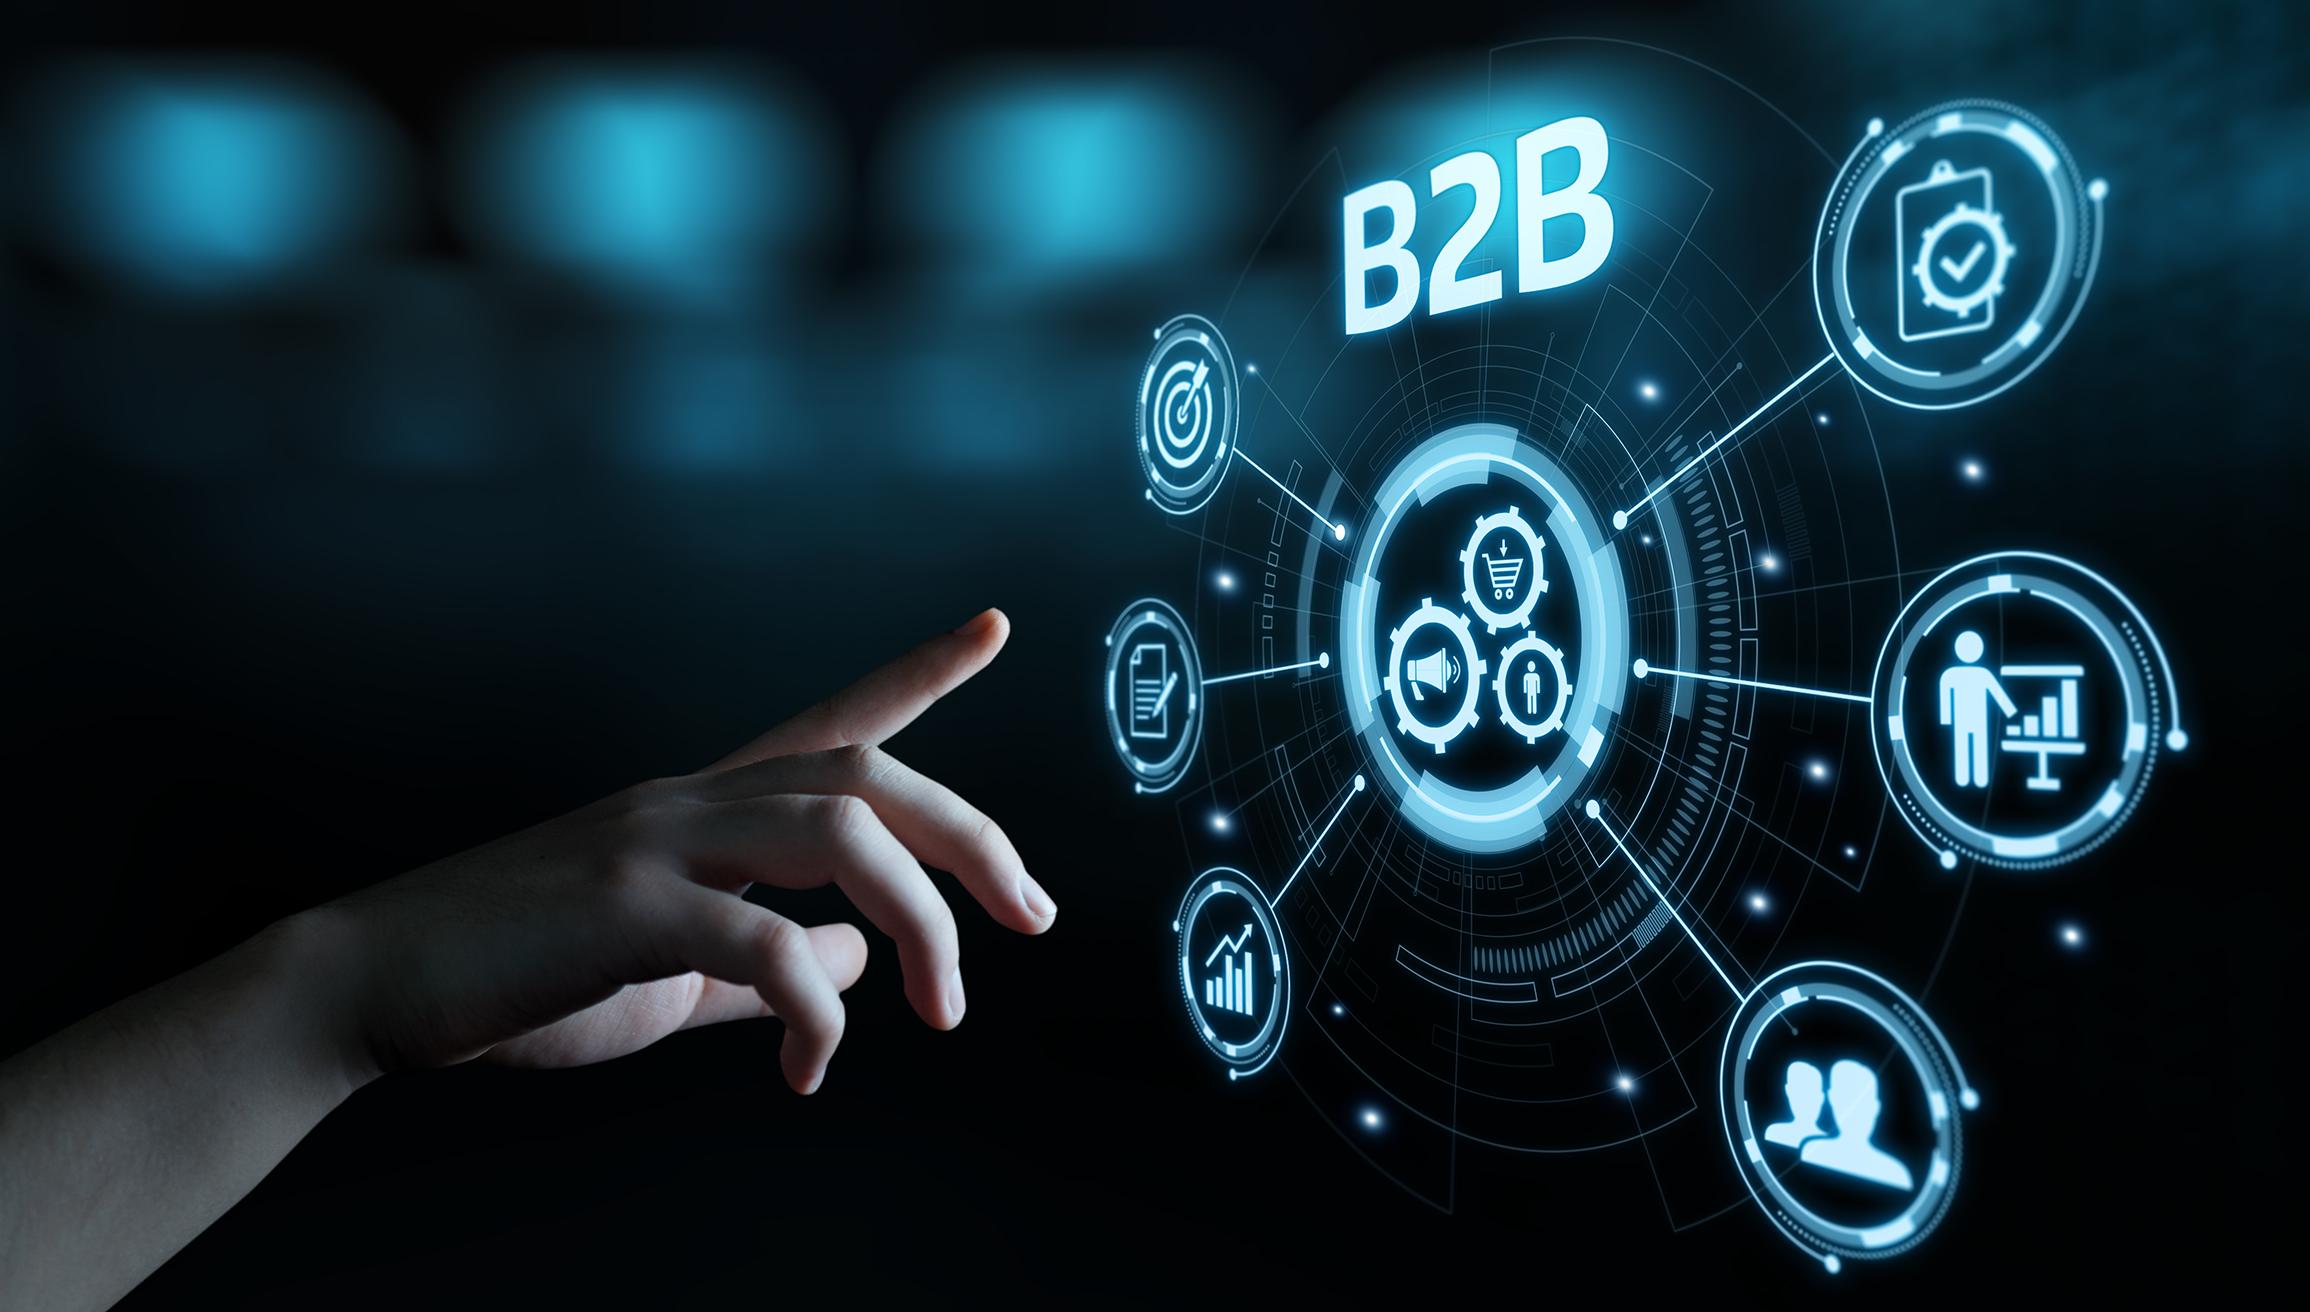 Auth0 helps B2B companies grow